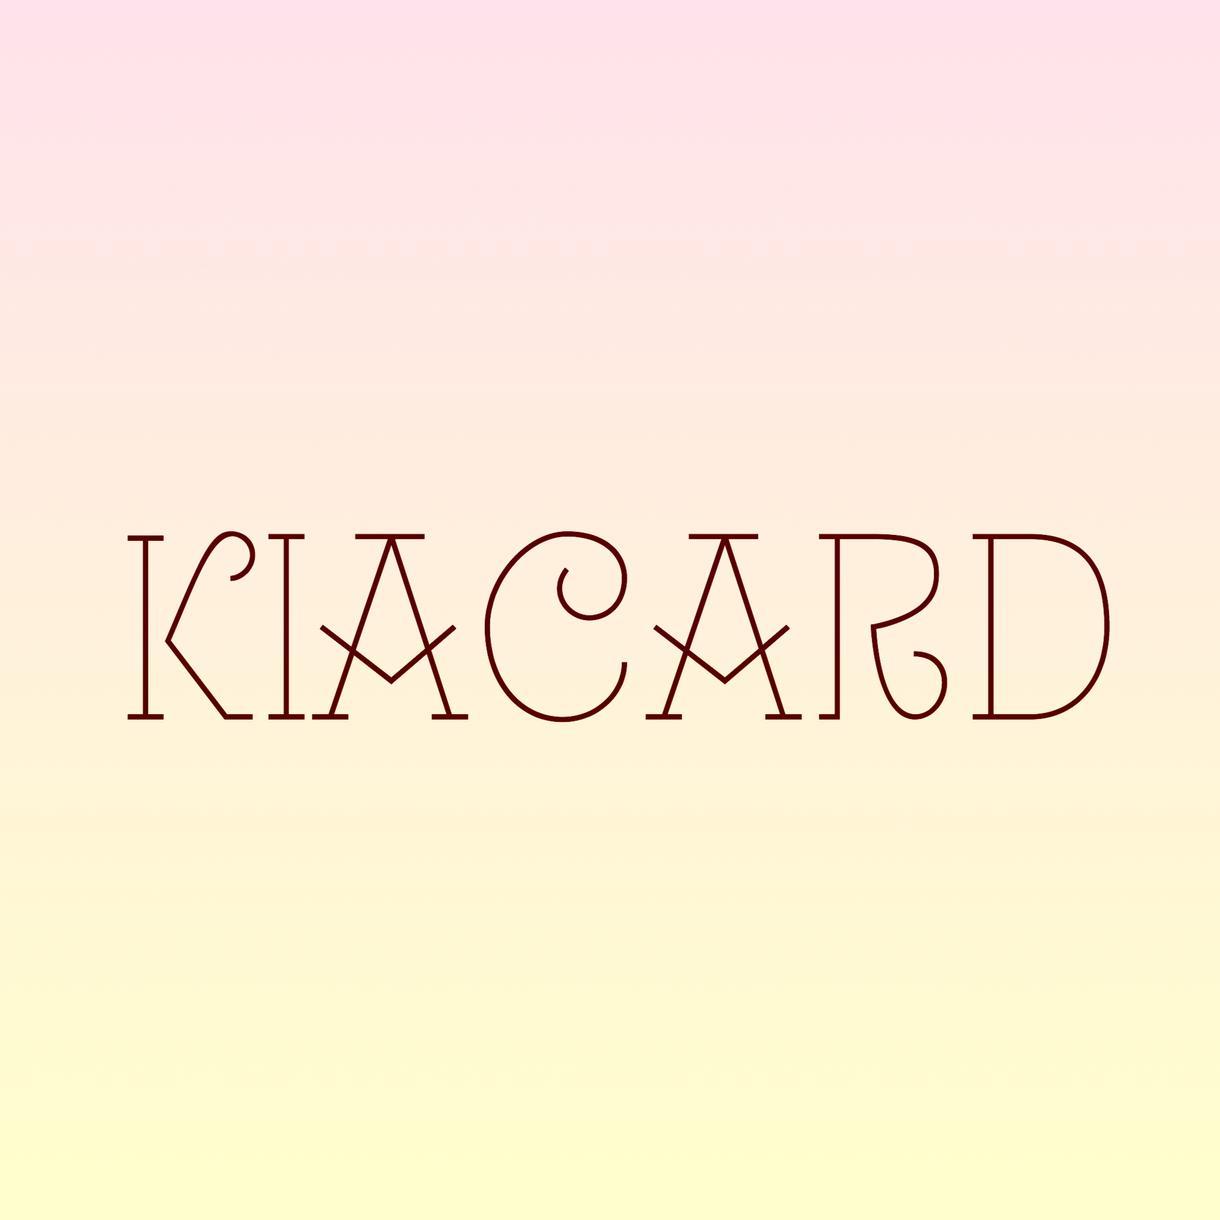 シンプル★文字フォントのロゴつくります 名刺、チラシ、ハガキ、などに印象的なロゴを。